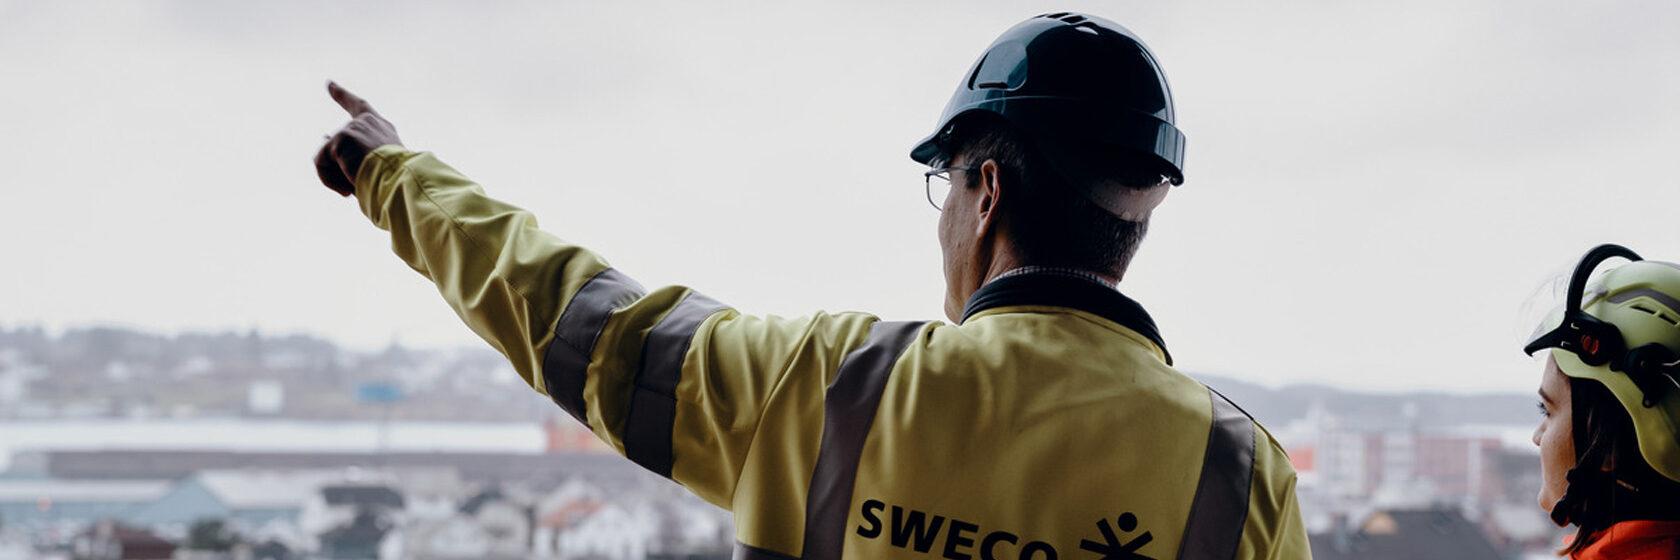 Rådgiver peker utover byggeplass i grått vær. Rådgiver i hjelm og vernetøy ses bakfra og står ved siden av entreprenør.